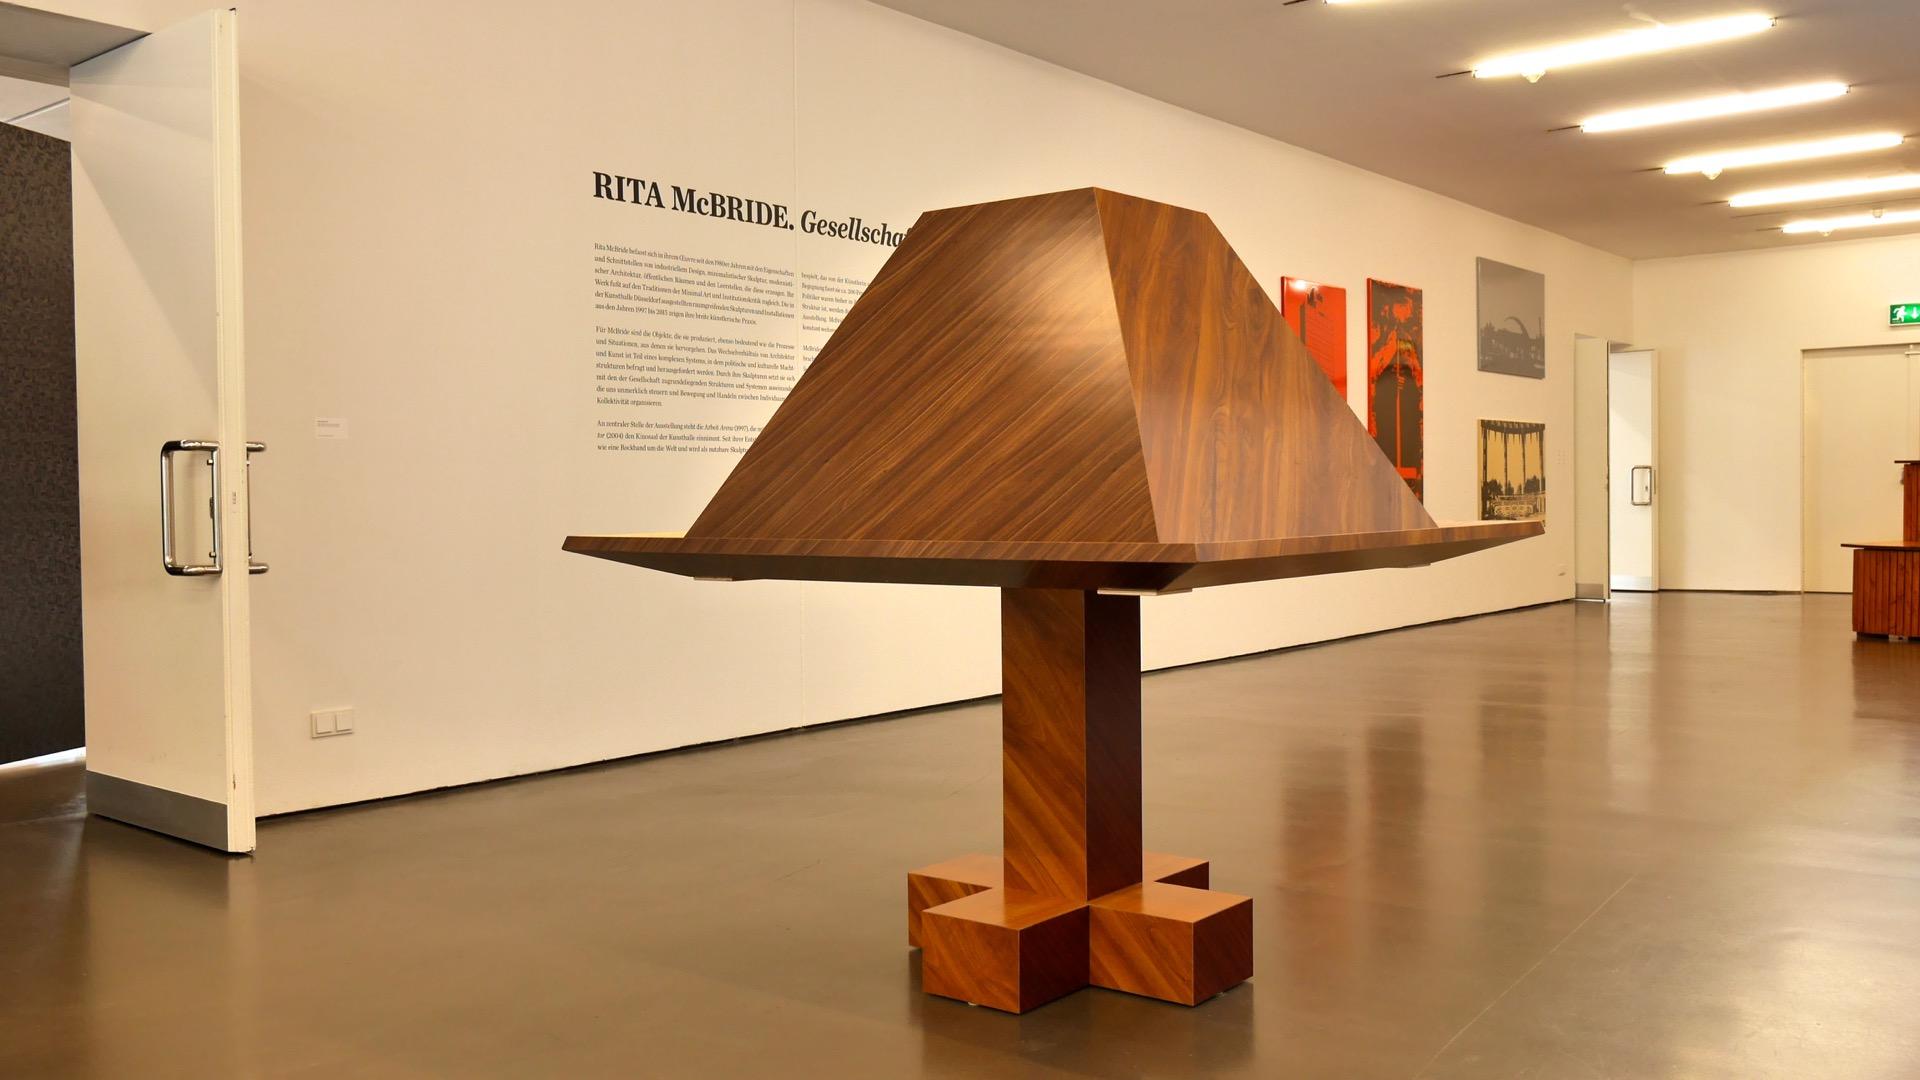 Rita McBride - 43